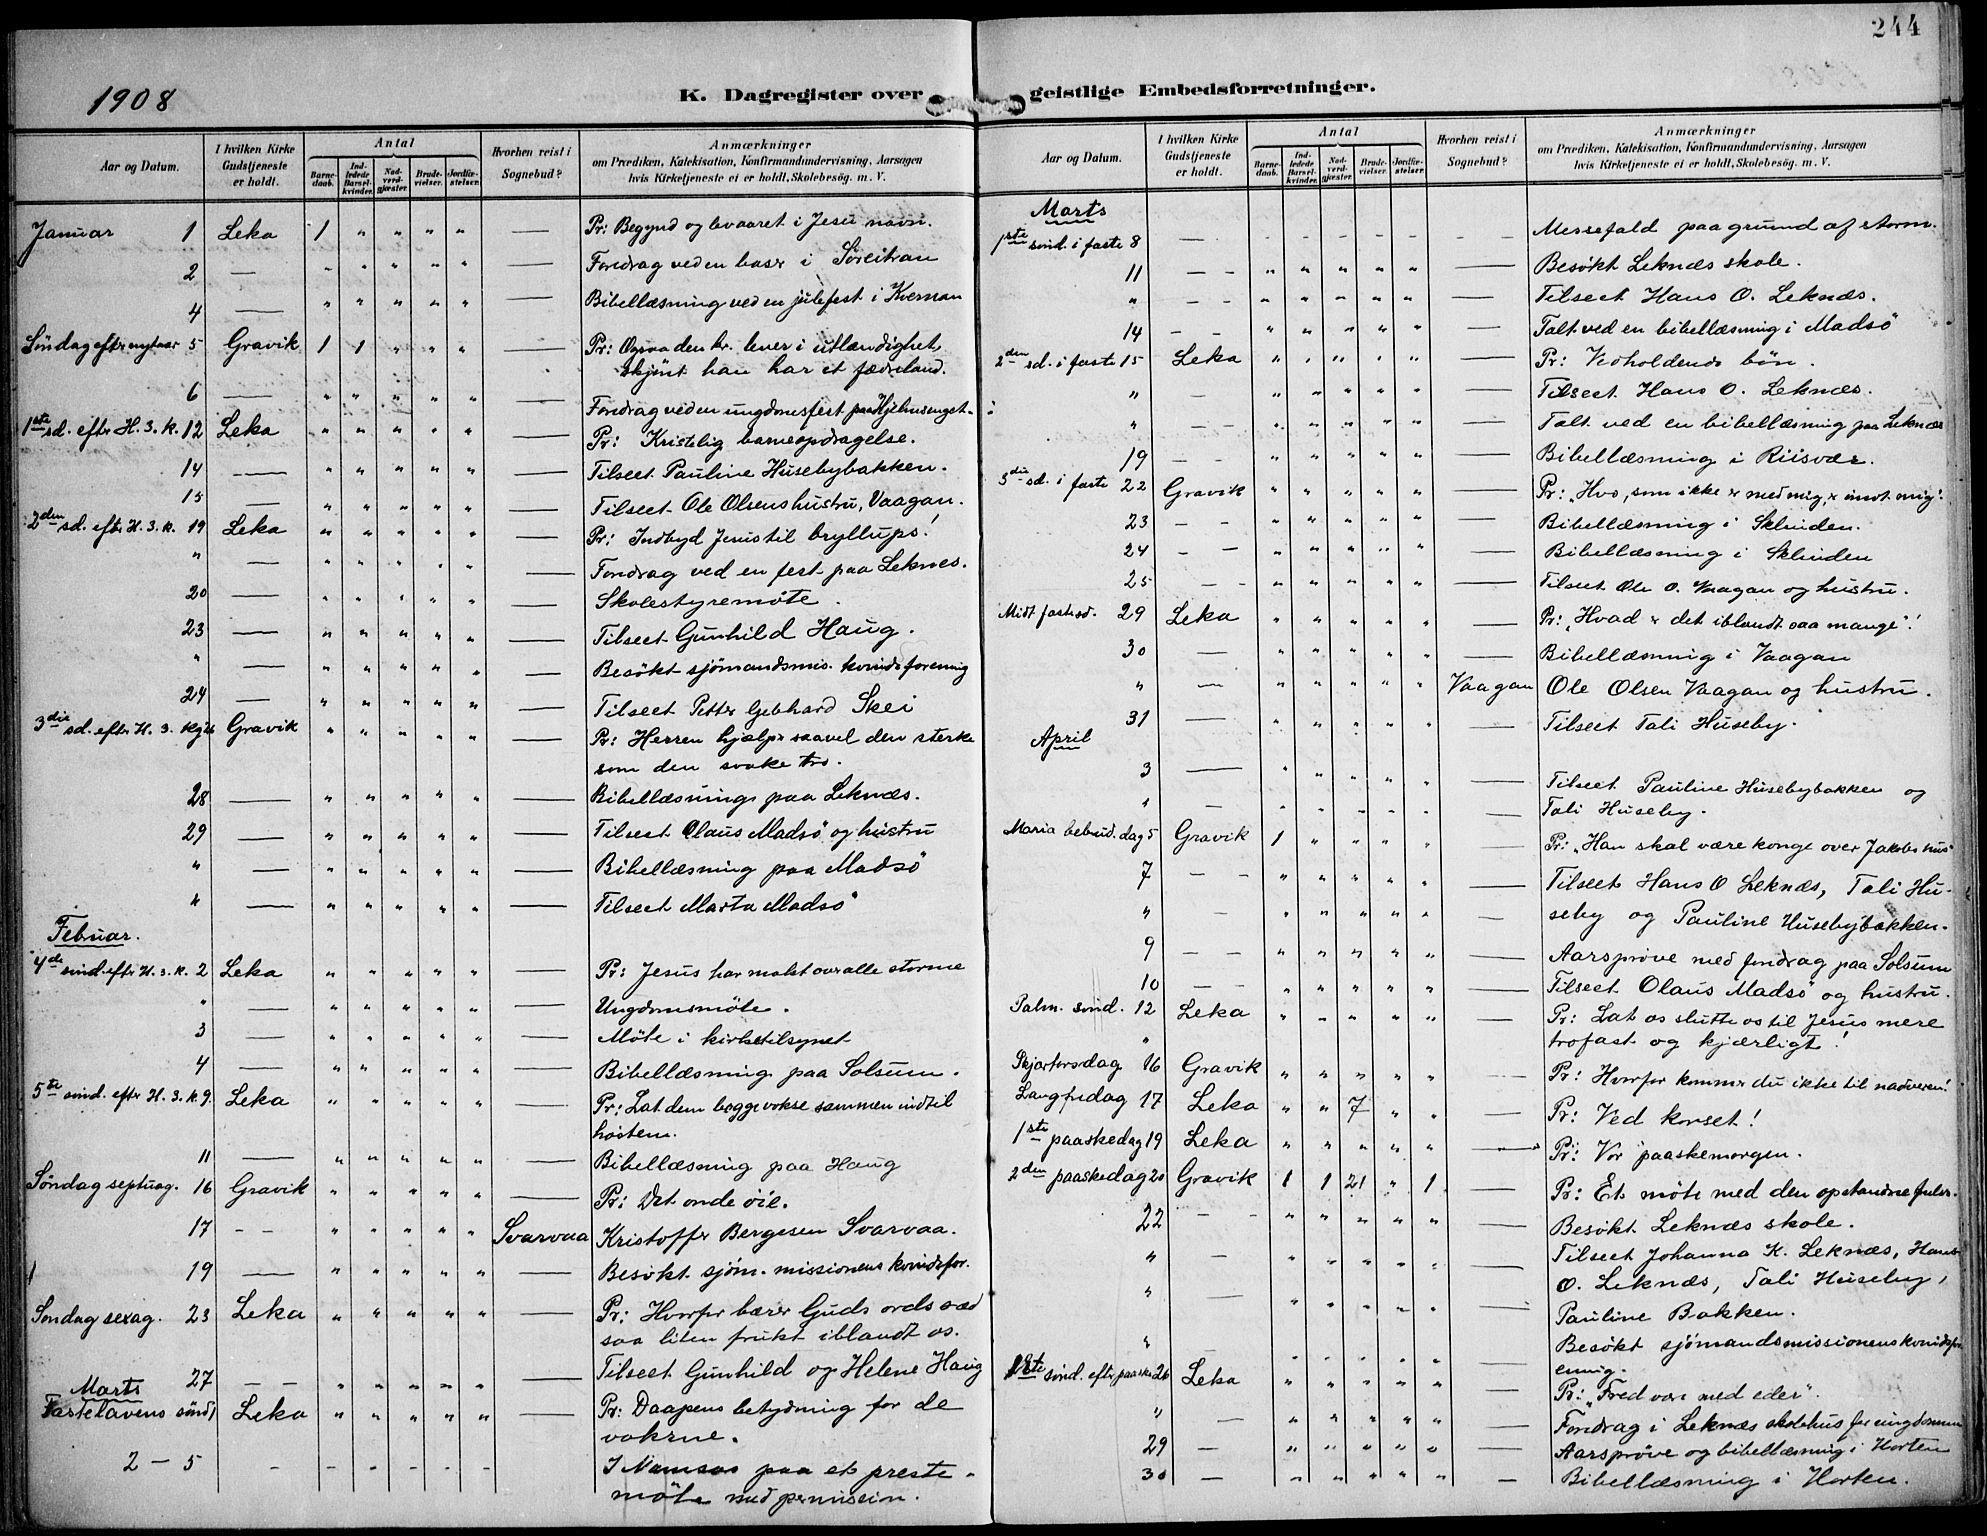 SAT, Ministerialprotokoller, klokkerbøker og fødselsregistre - Nord-Trøndelag, 788/L0698: Ministerialbok nr. 788A05, 1902-1921, s. 244